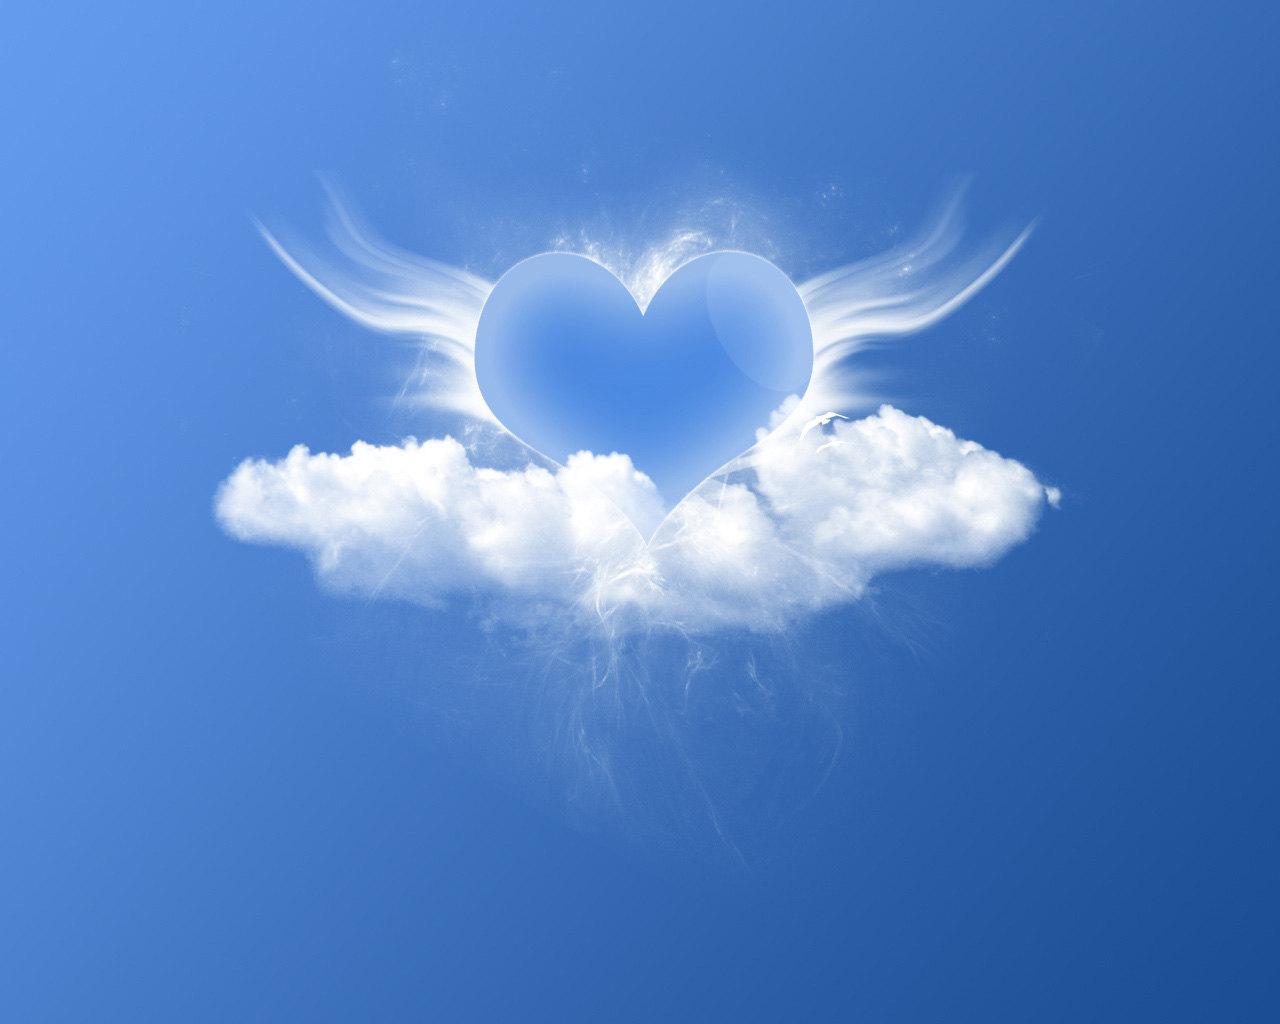 сердце в облаках, скачать фото, обои на рабочий стол, облако в форме сердца